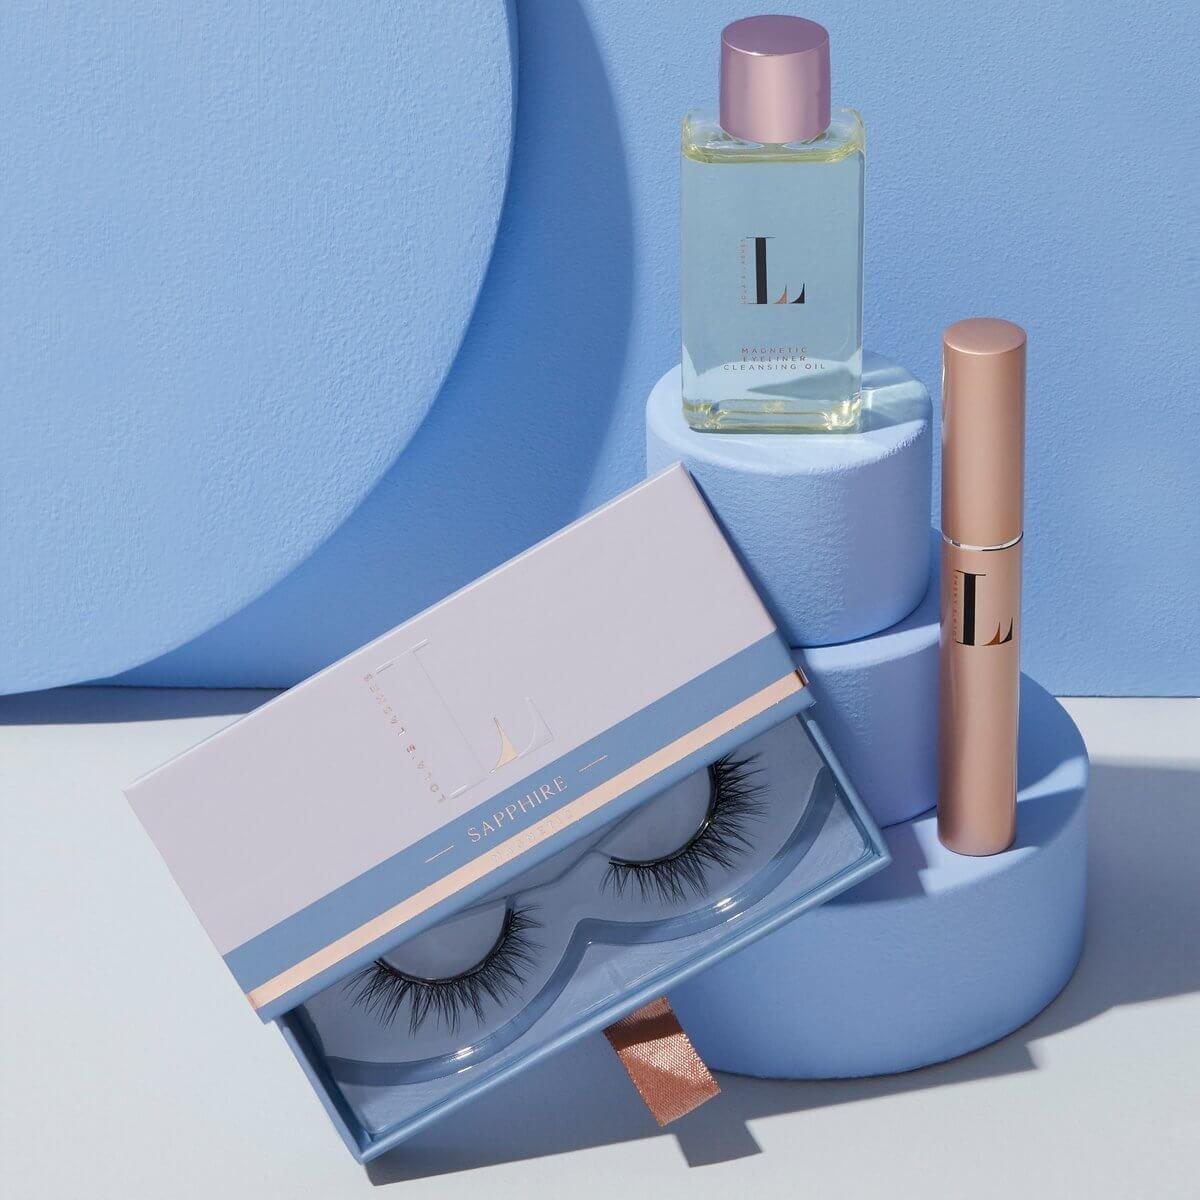 Lola's Lashes Sapphire Kit